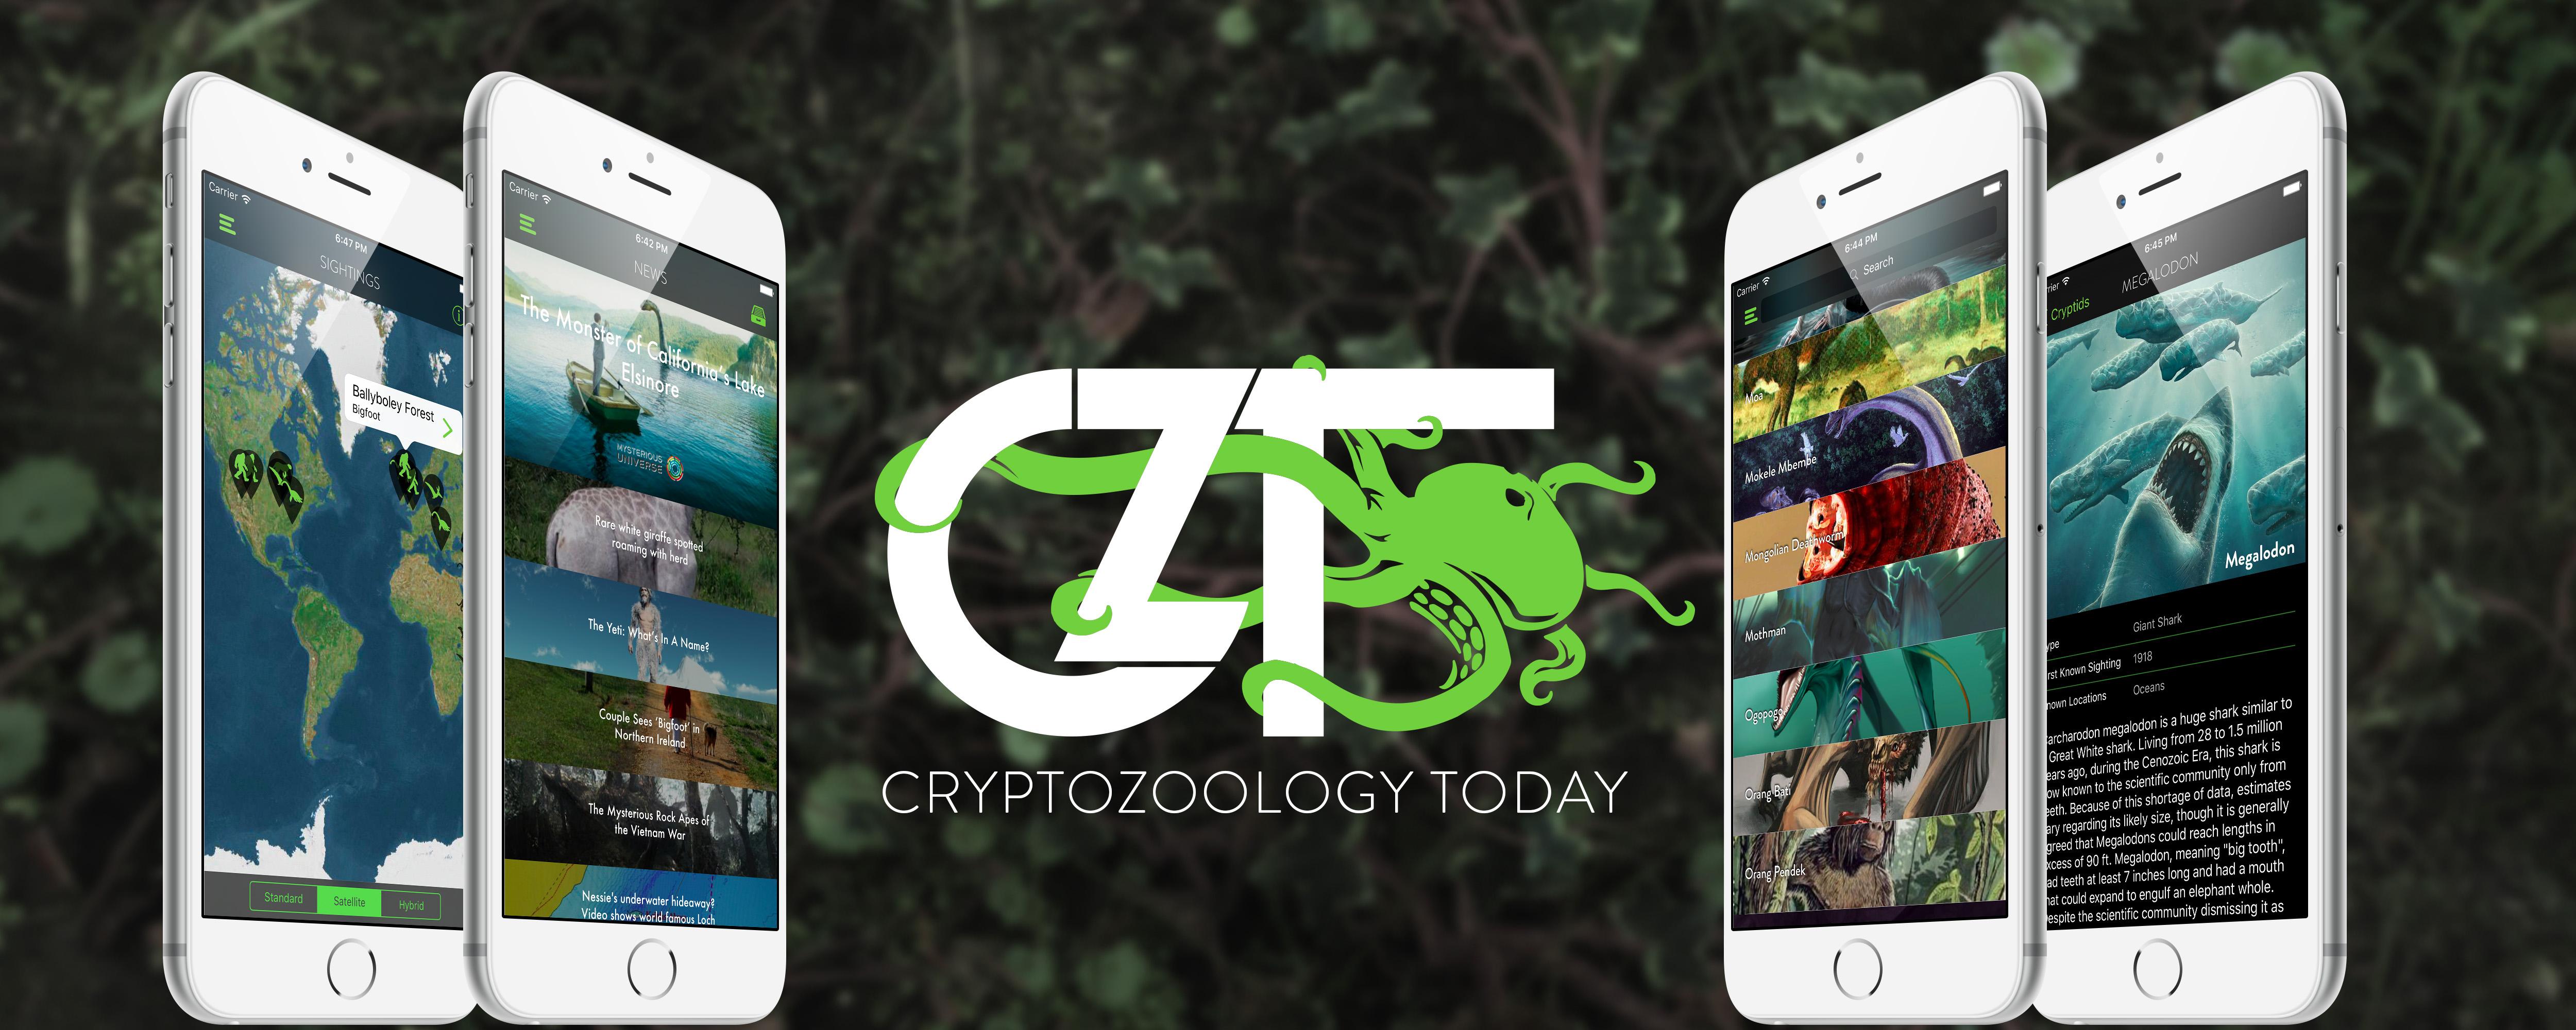 Cryptozoology Today